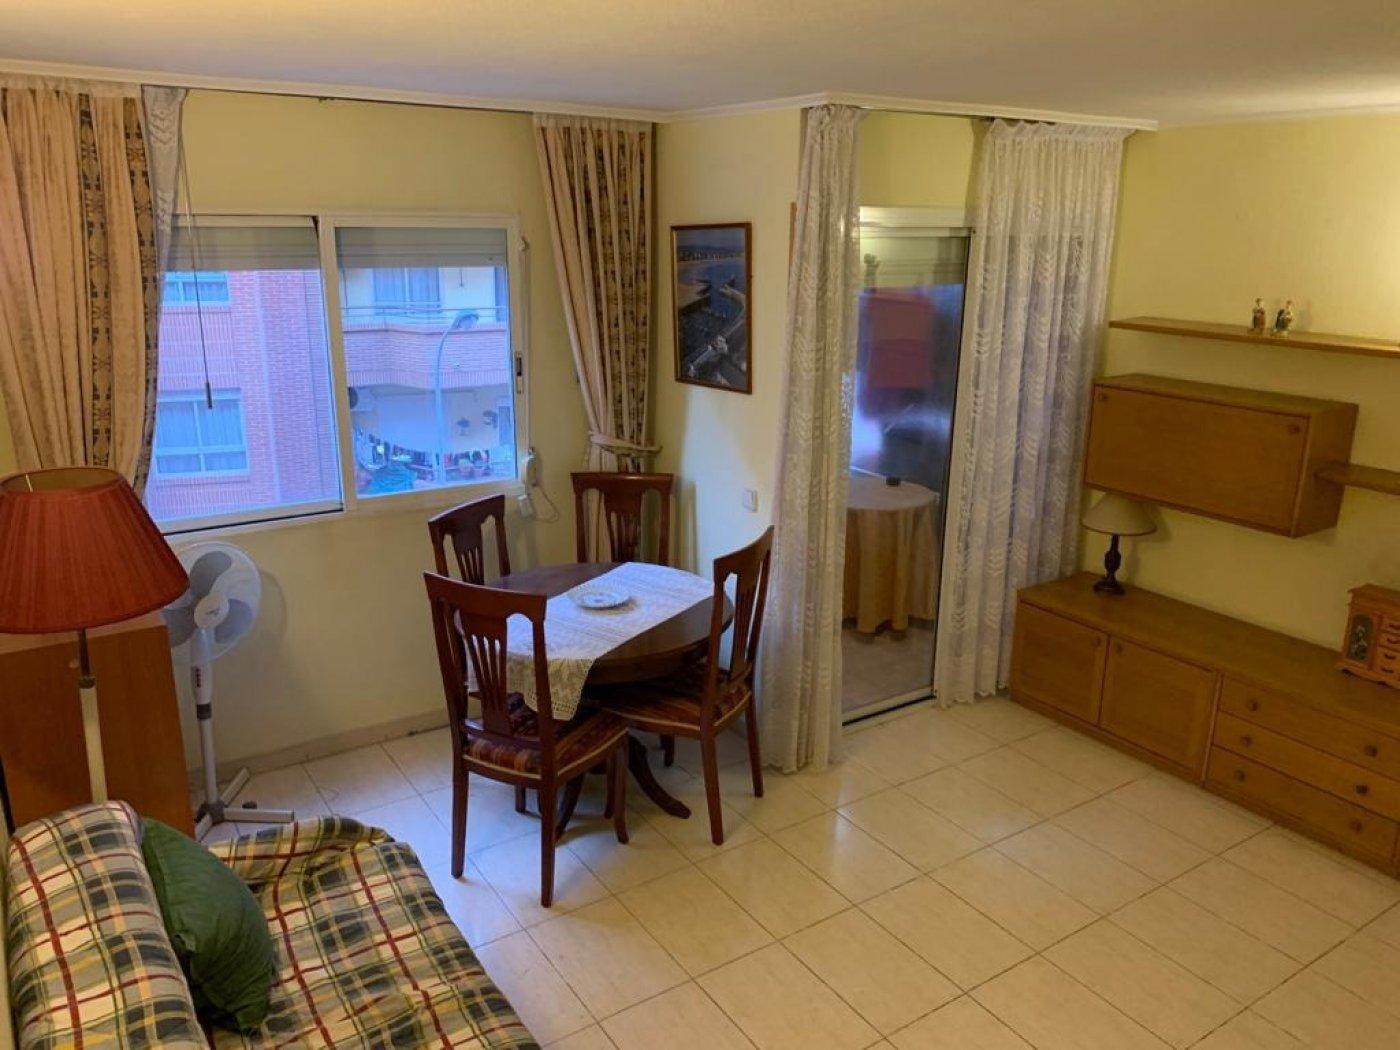 Apartamento en Benidorm zona Colonia Madrid de 65 m²